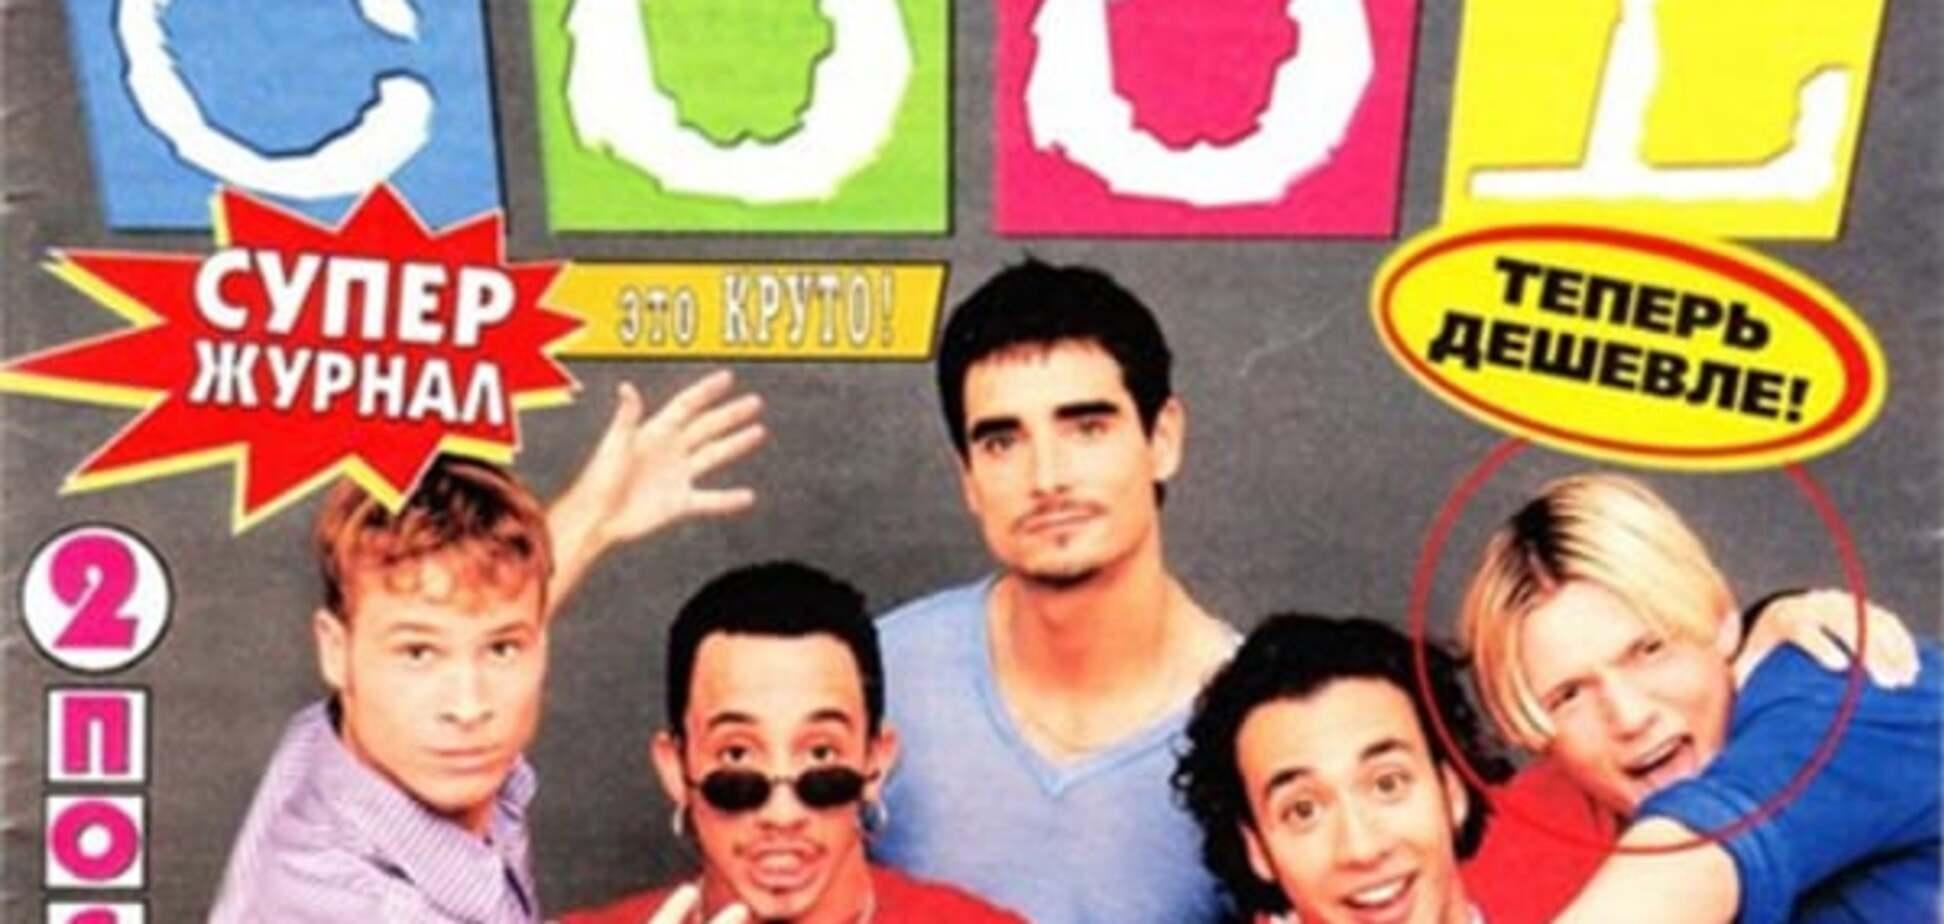 Что читали в 90-х: журналы 'COOL', 'Лиза' и 'Андрей' для мужчин